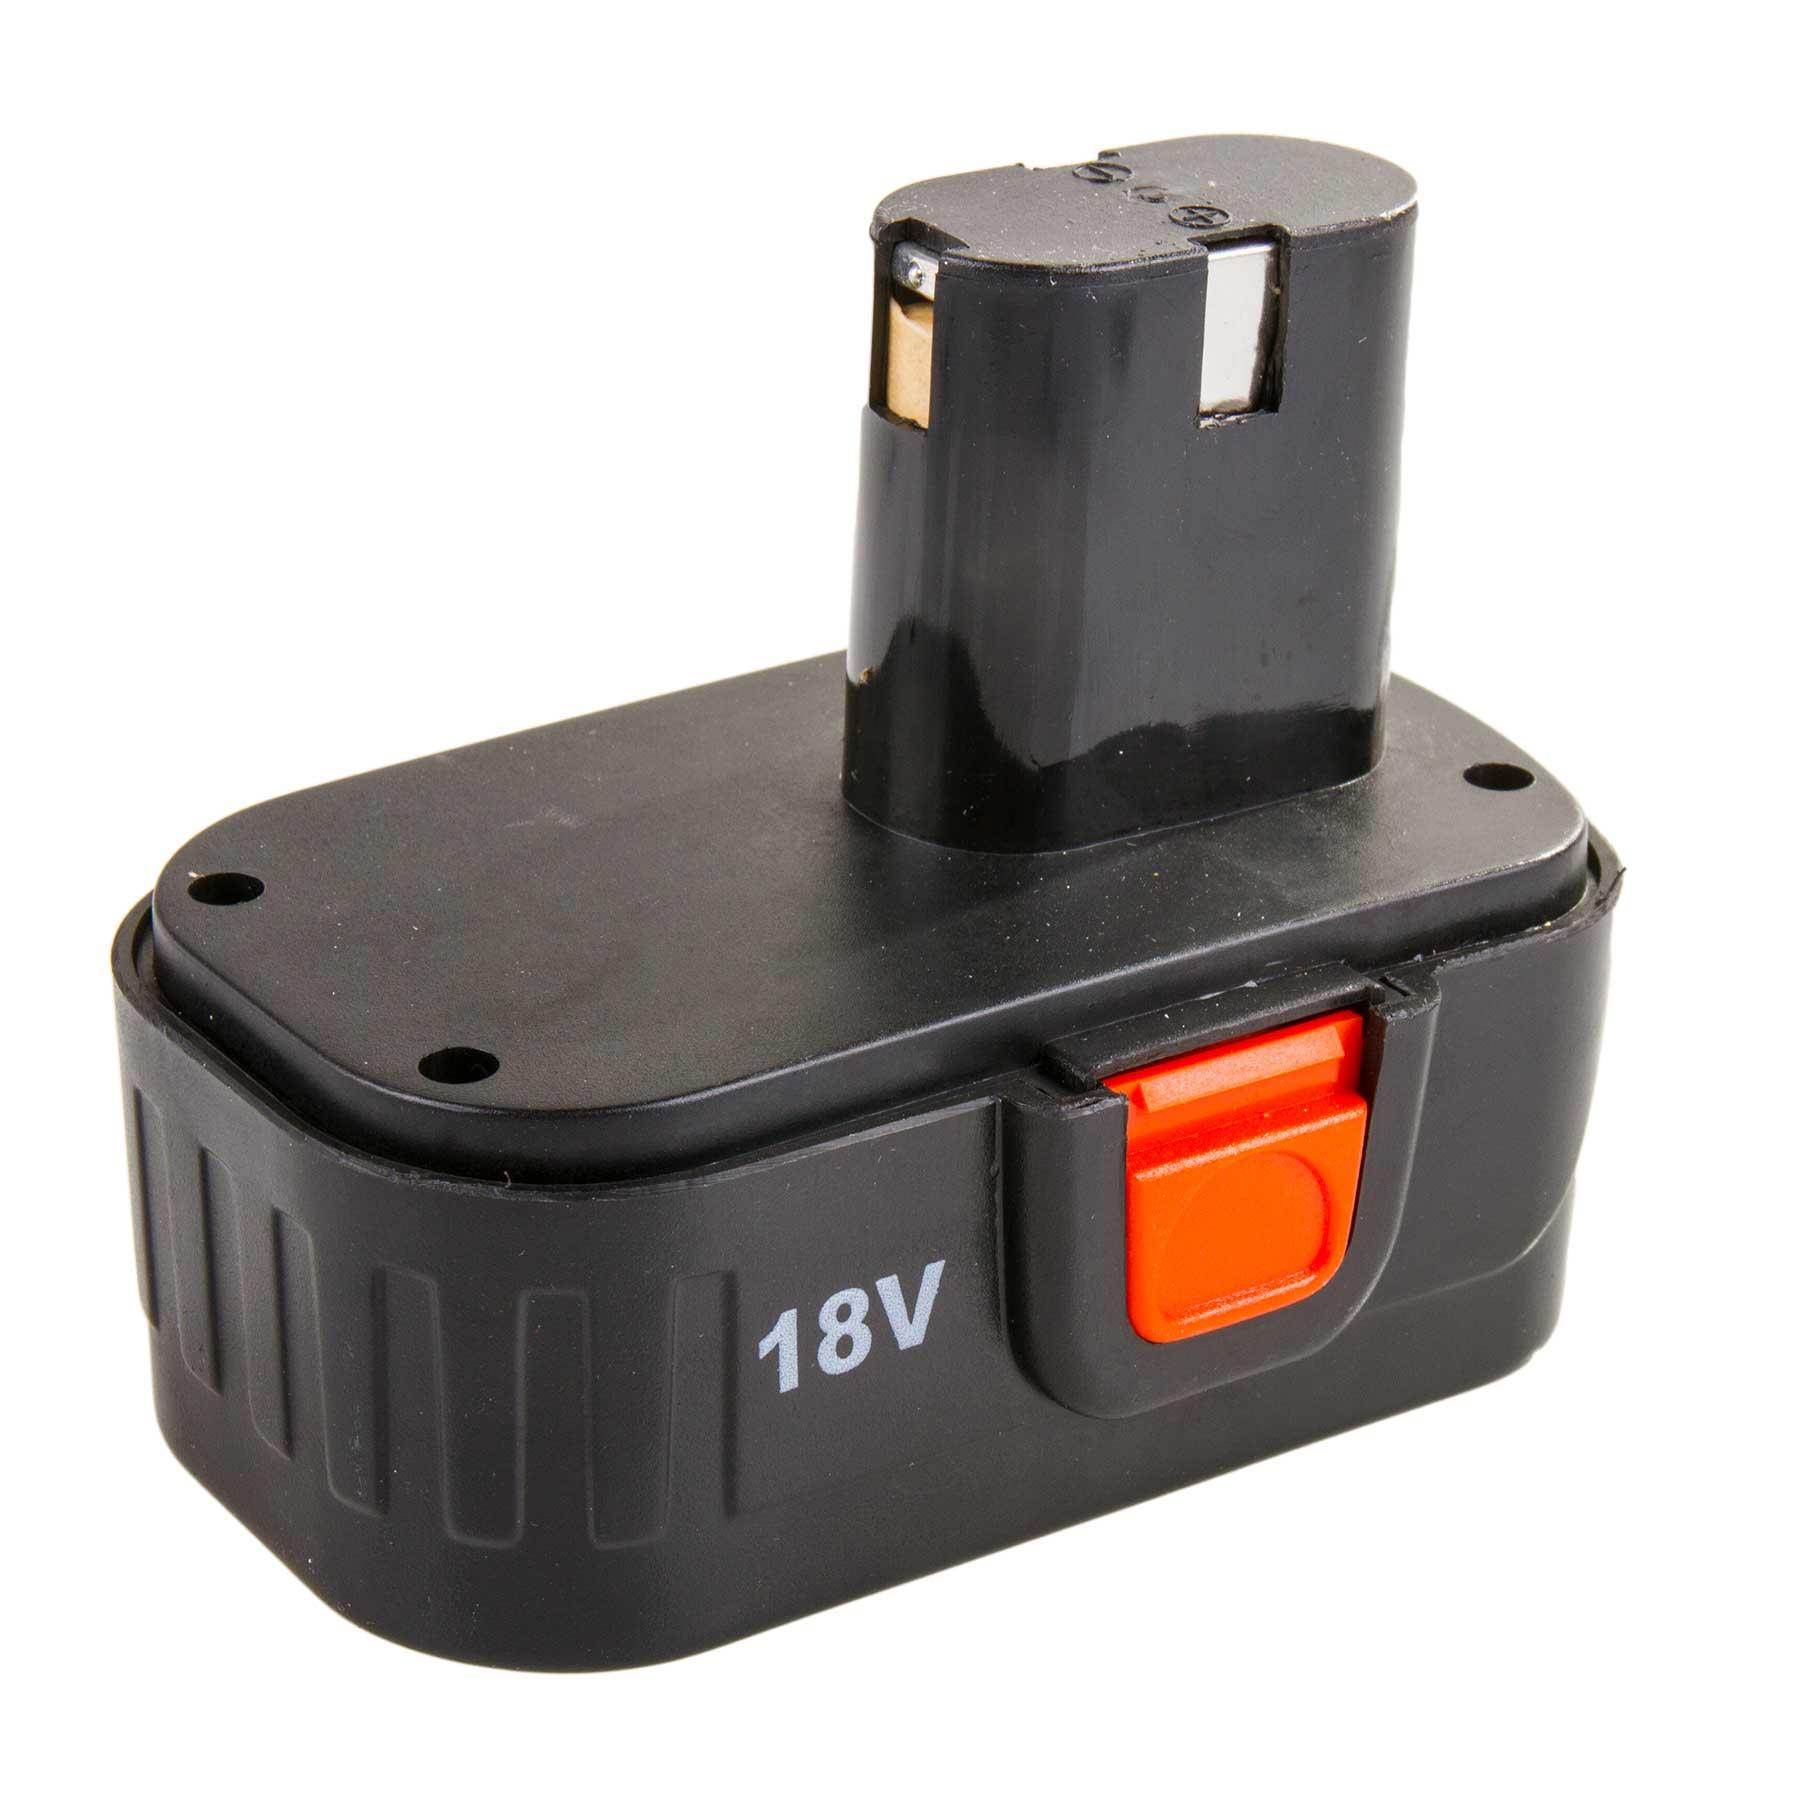 Draper 72393 18v Battery Pack For Cordless Drill 77604